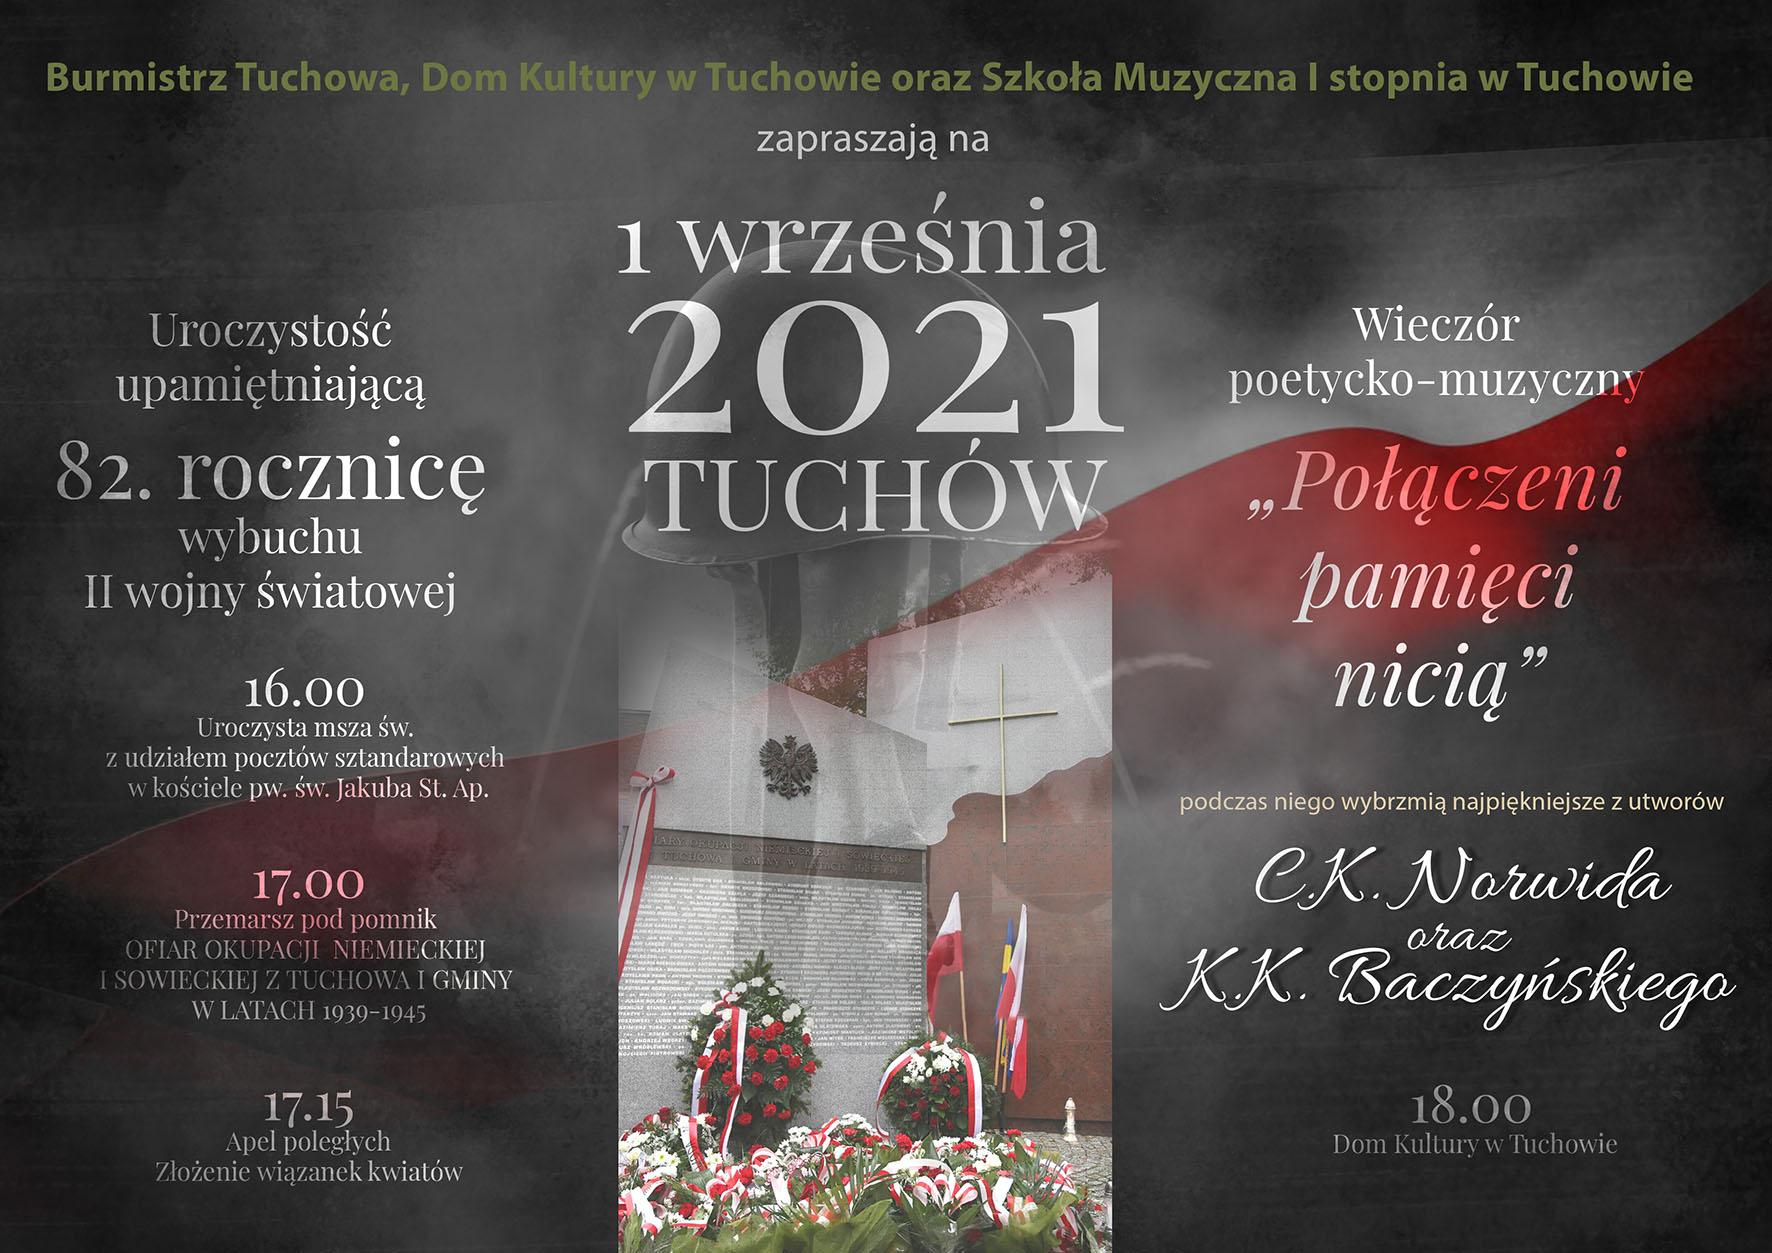 1 września 2021 w Tuchowie